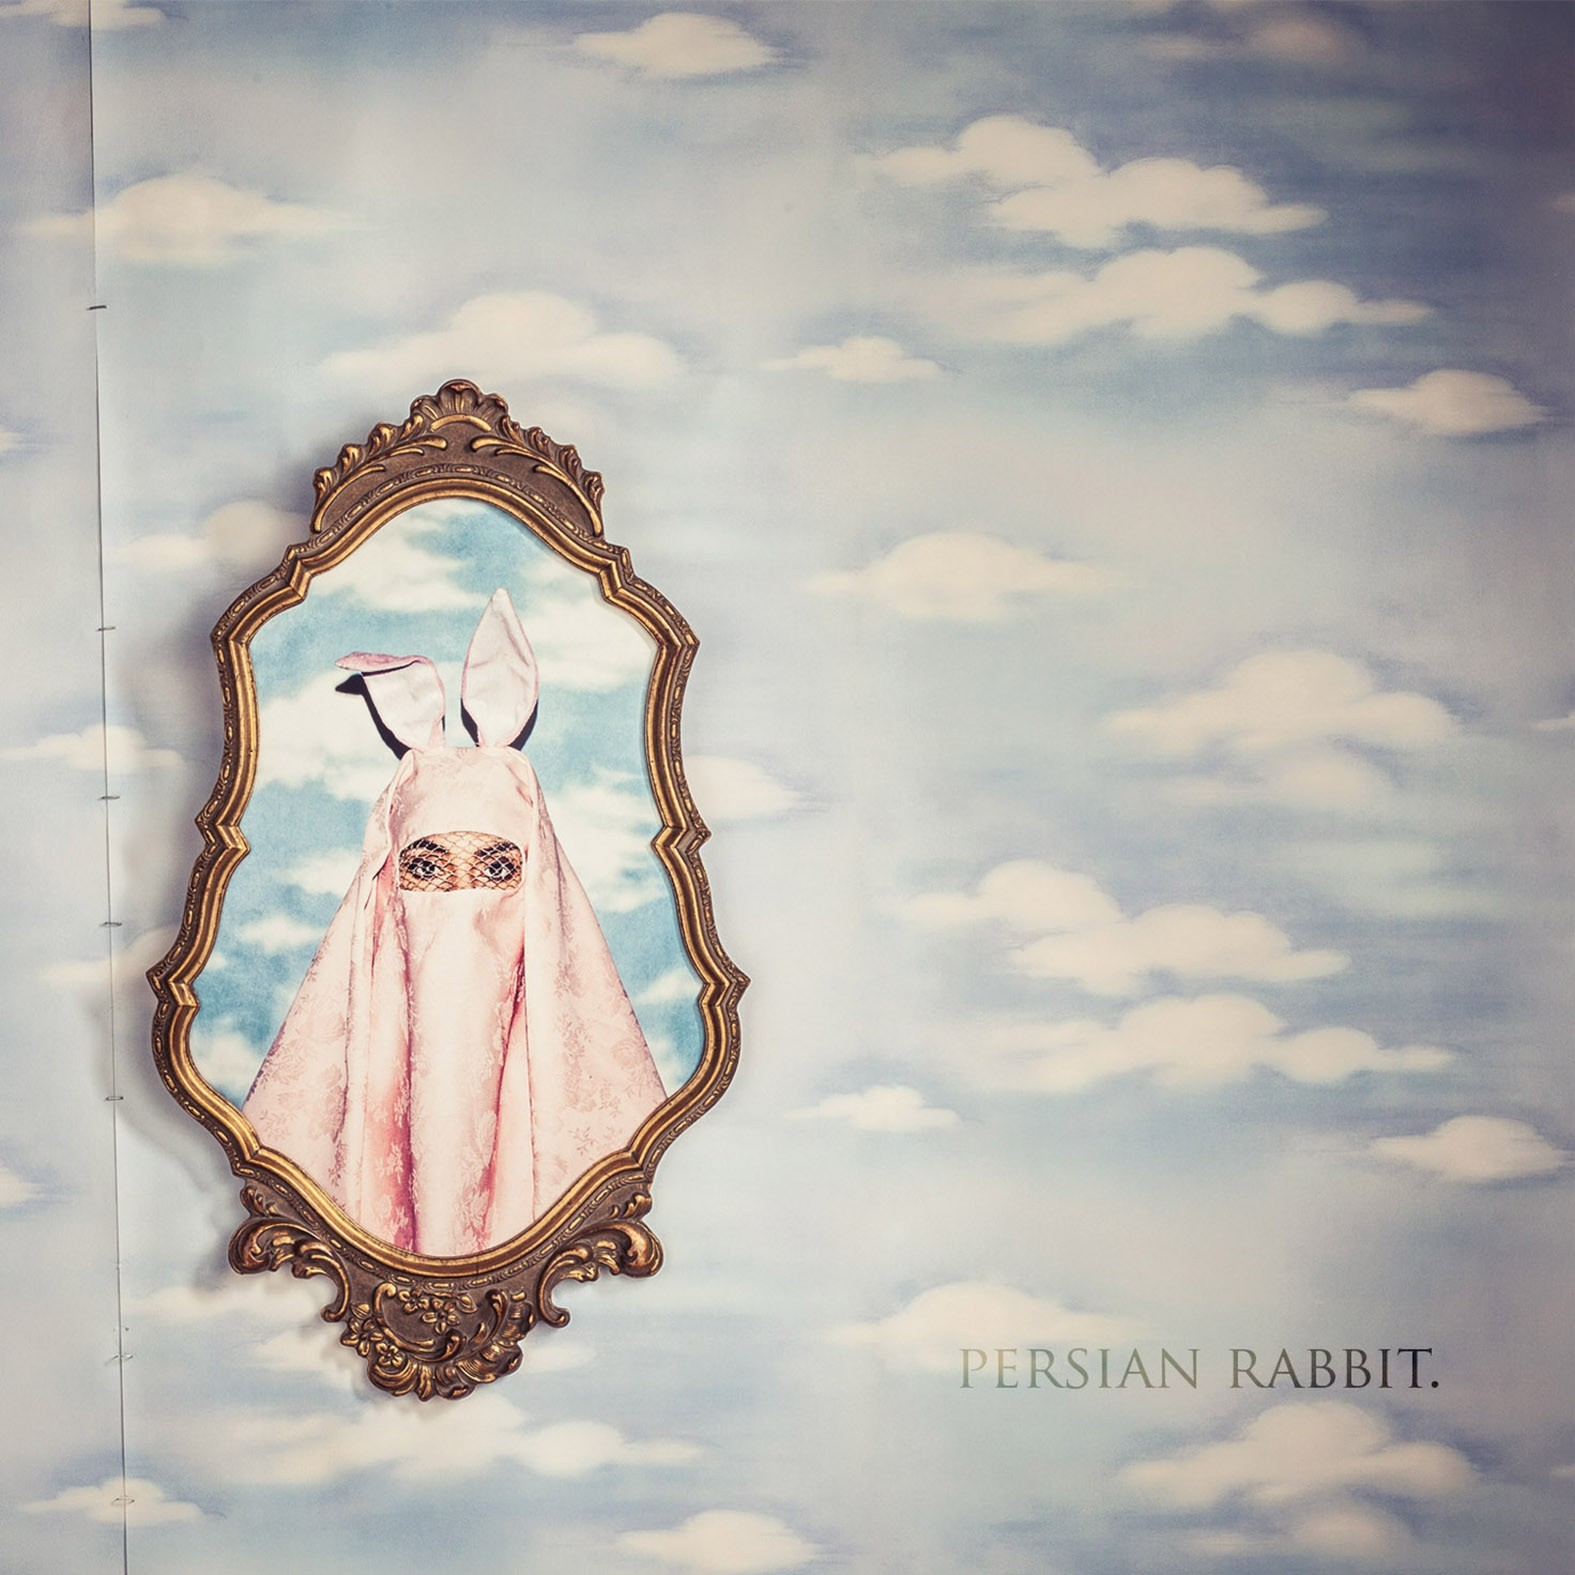 Djavanshir.n _ album cover _Persian rabbit